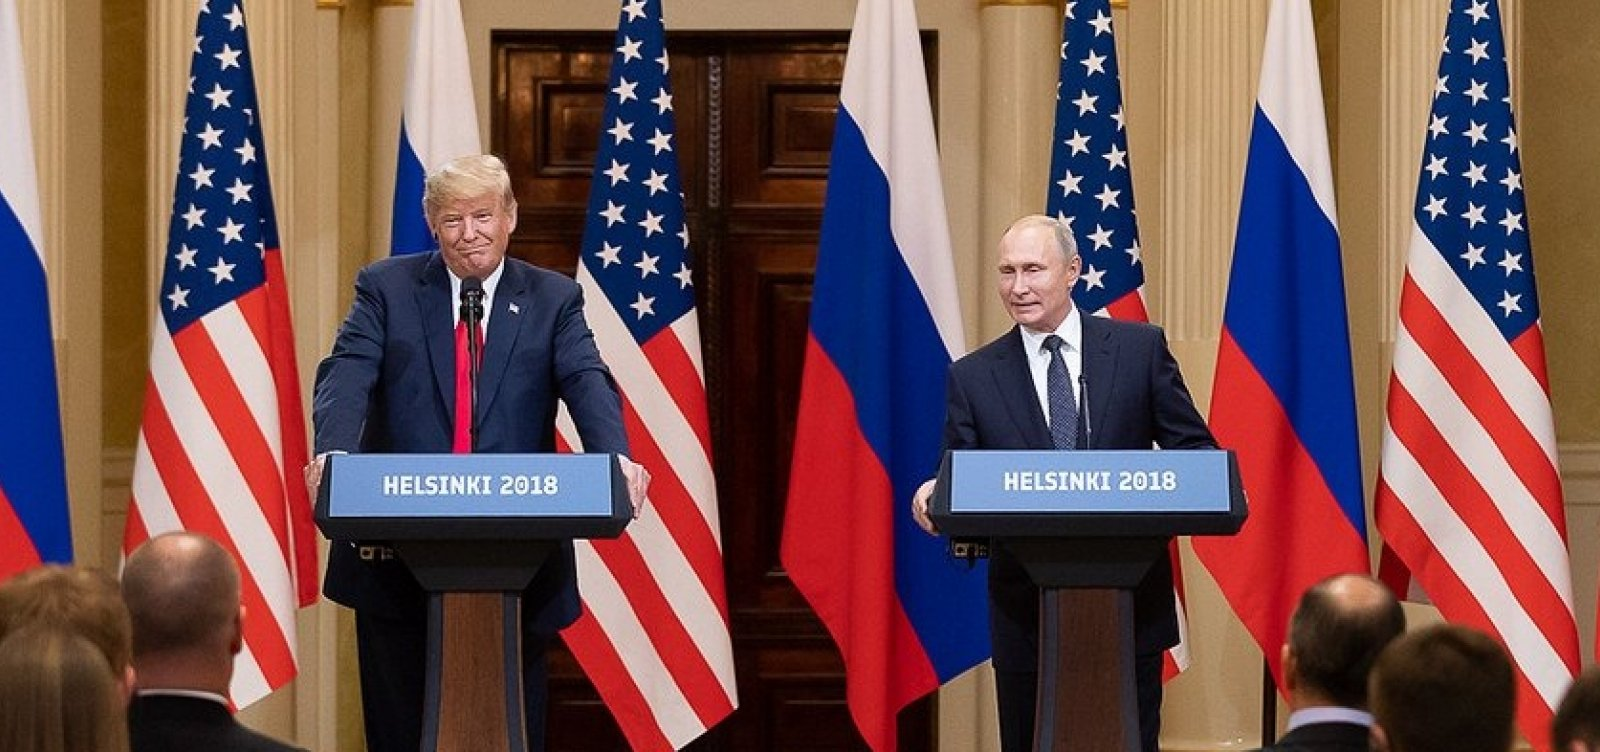 [Putin 'provavelmente' está envolvido com assassinatos e envenenamentos, diz Trump]